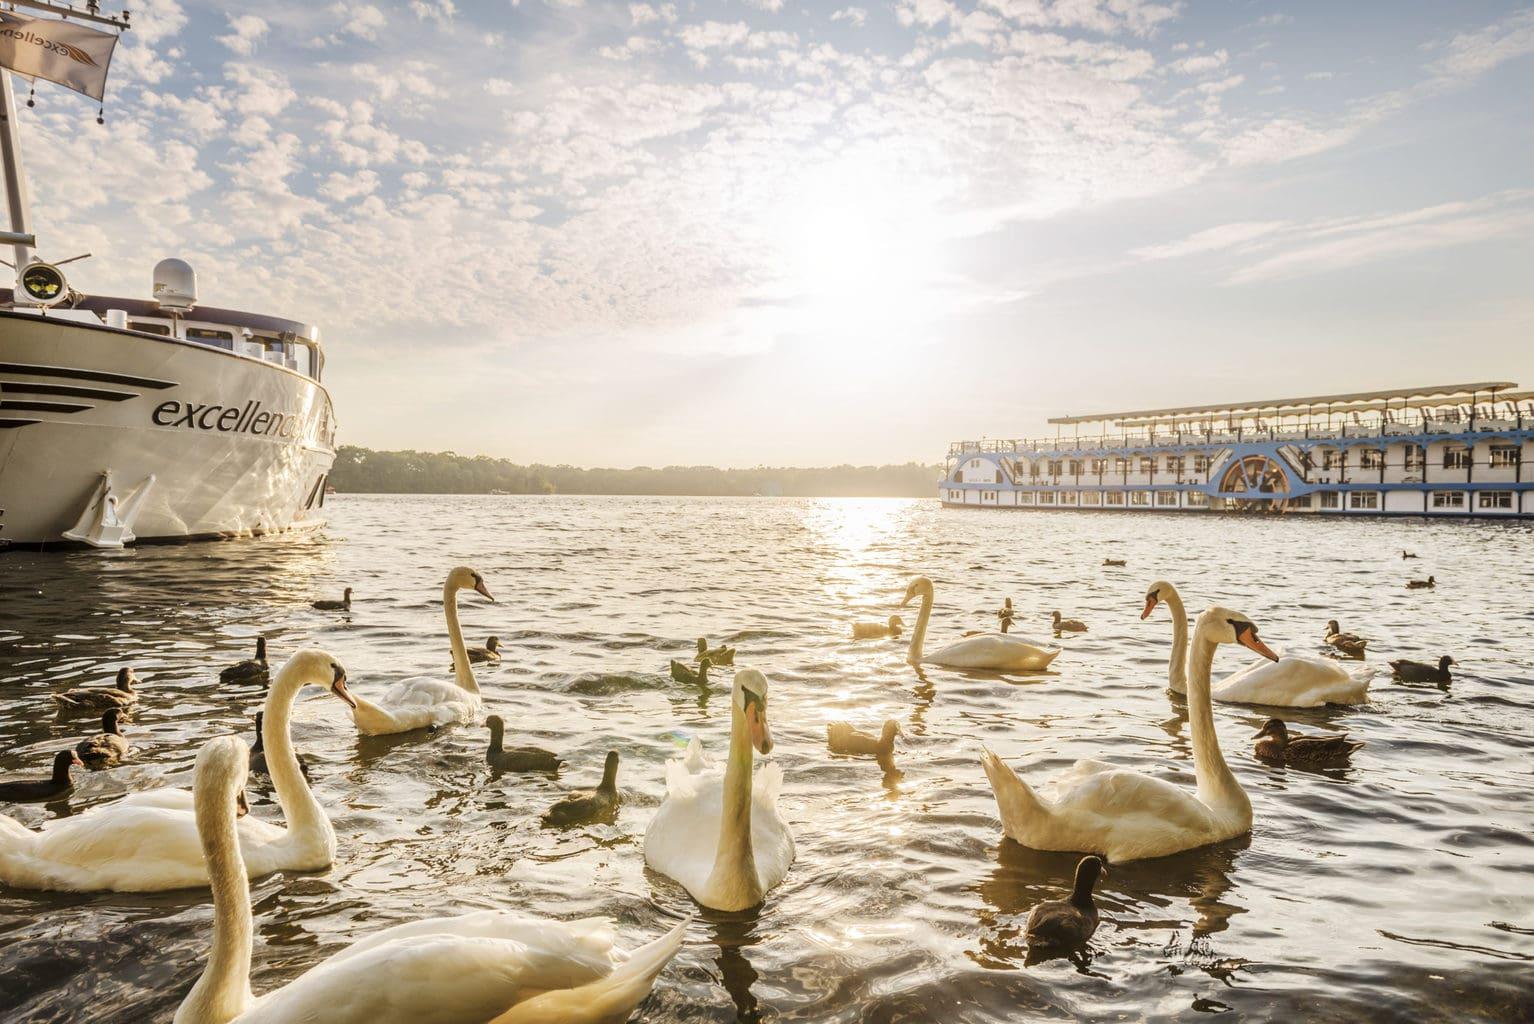 Zwanen aan de oevers van de Tegeler See in Berlijn